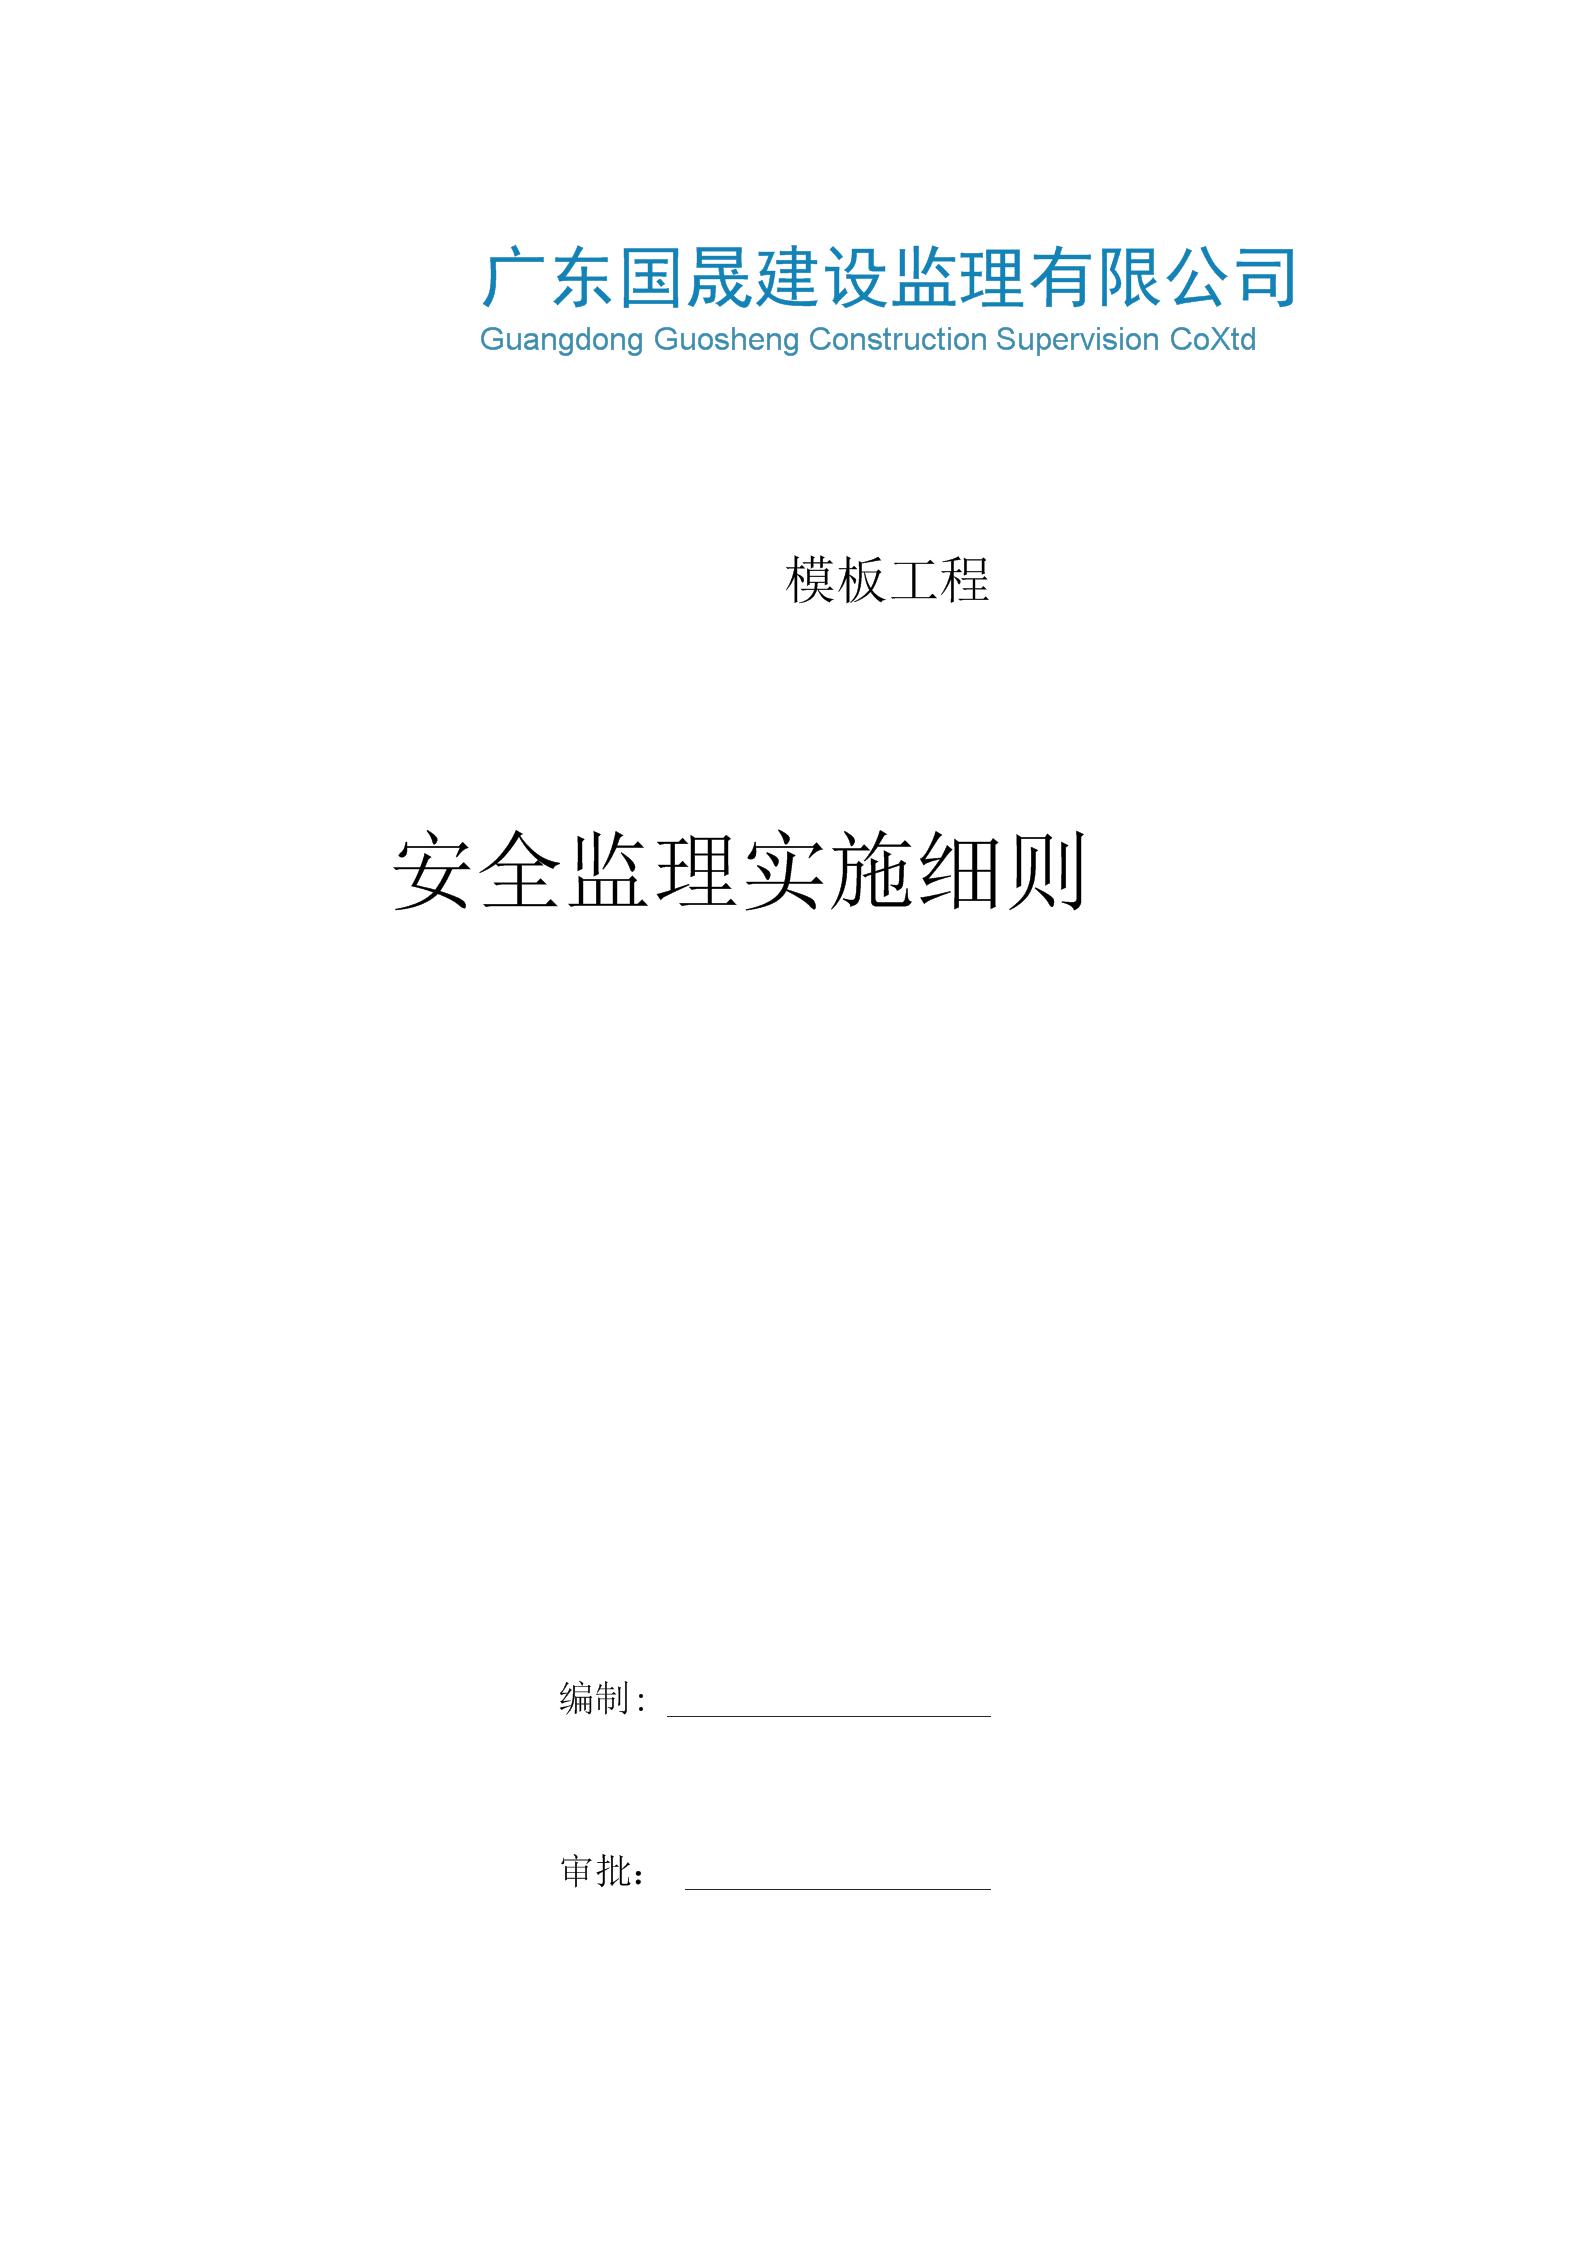 《模板工程安全监理细则》.docx